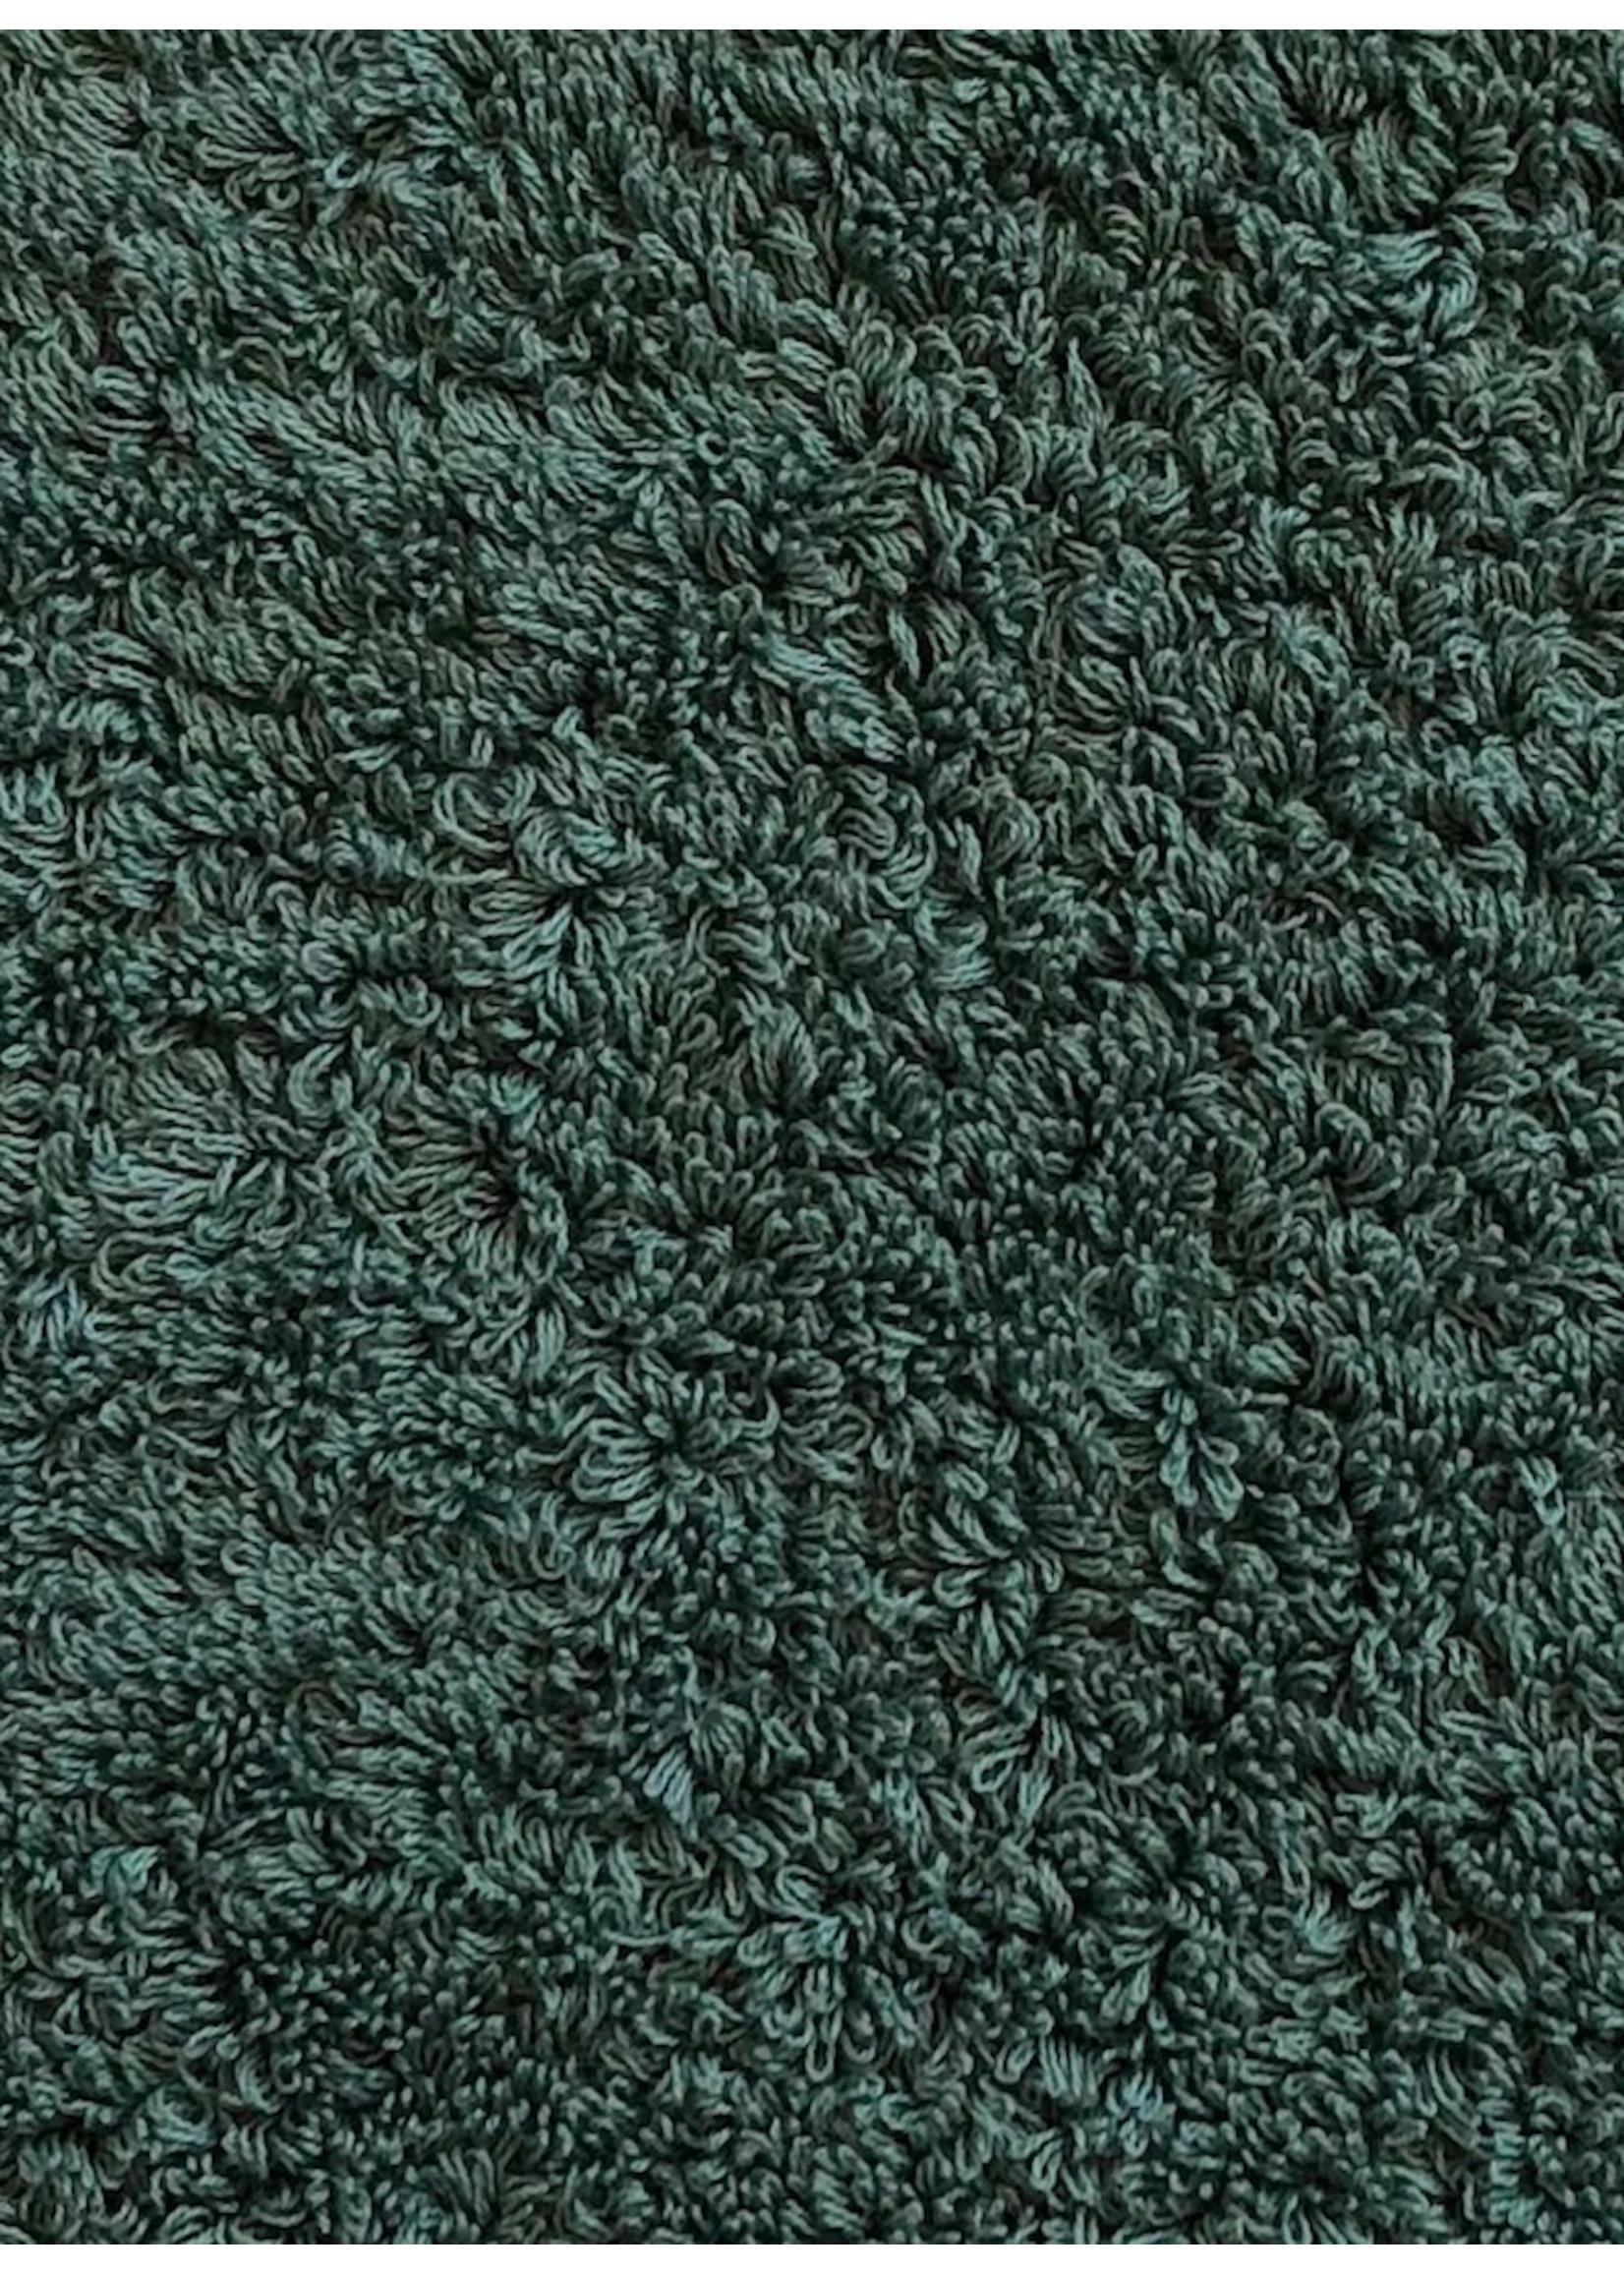 Abyss & Habidecor Super Pile Eden Towels